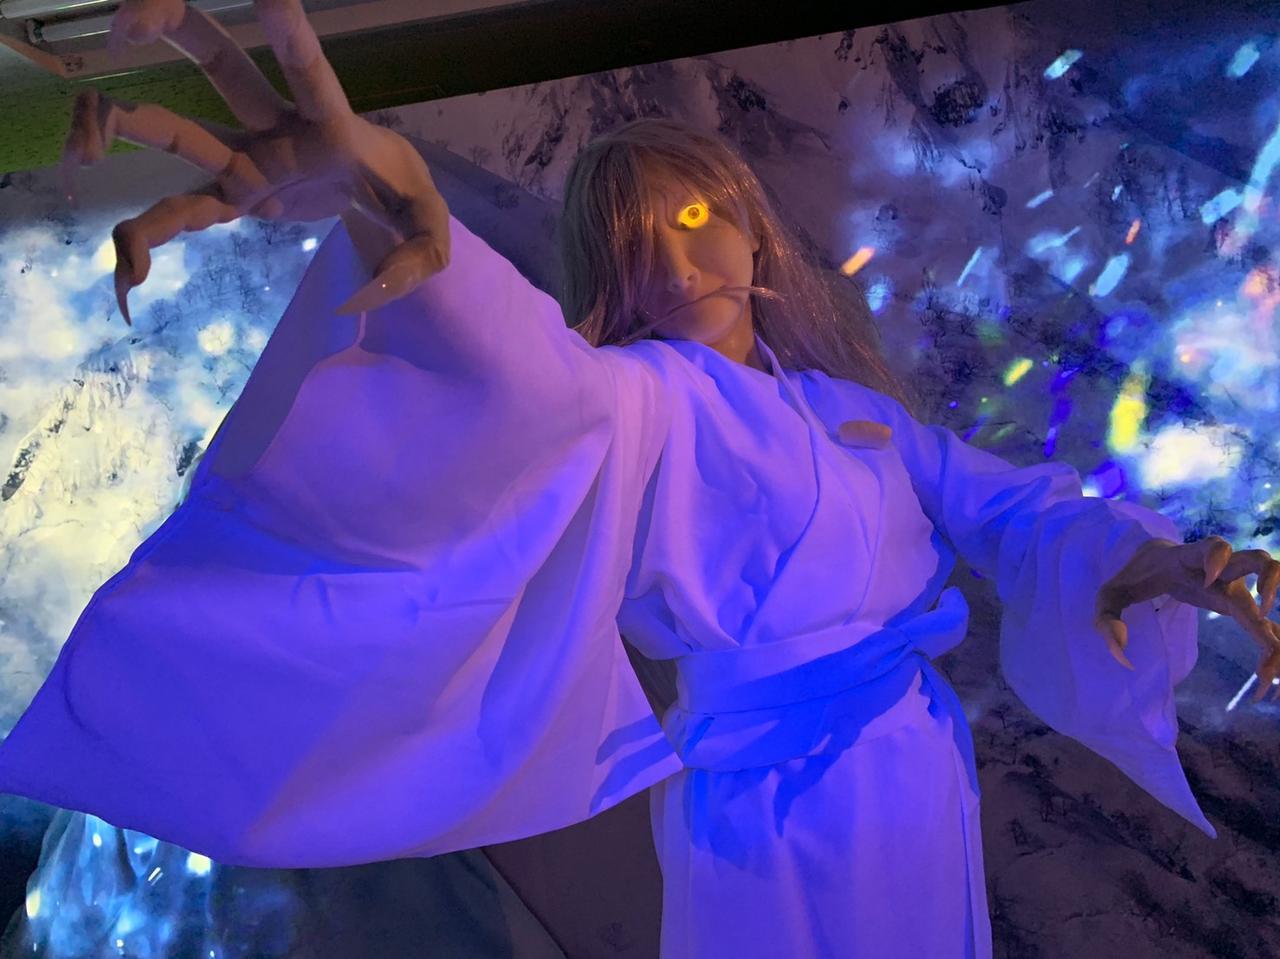 画像2: 妖艶な女妖怪たちと閉じ込められた灼熱の洞窟!